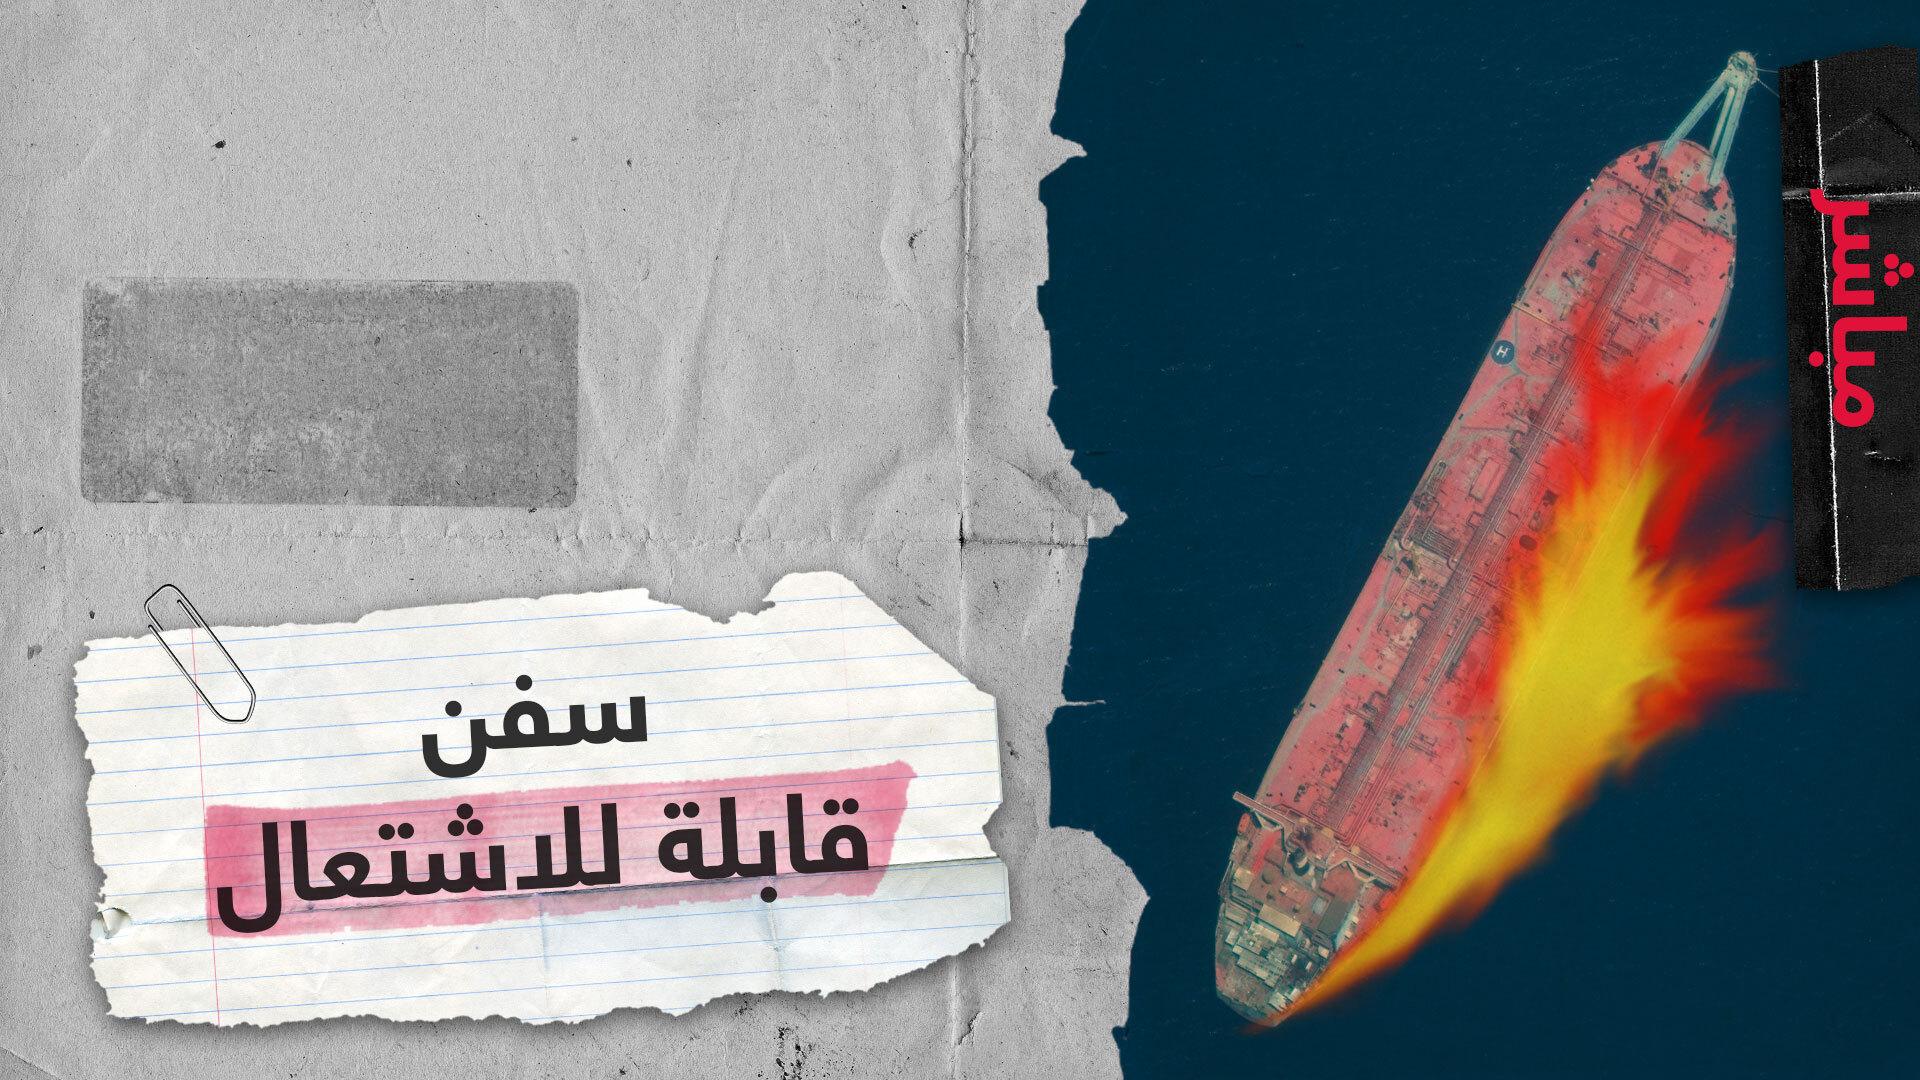 بعد كارثة انفجار مرفأ بيروت.. تحذيرات من كوارث قد تكون أكبر